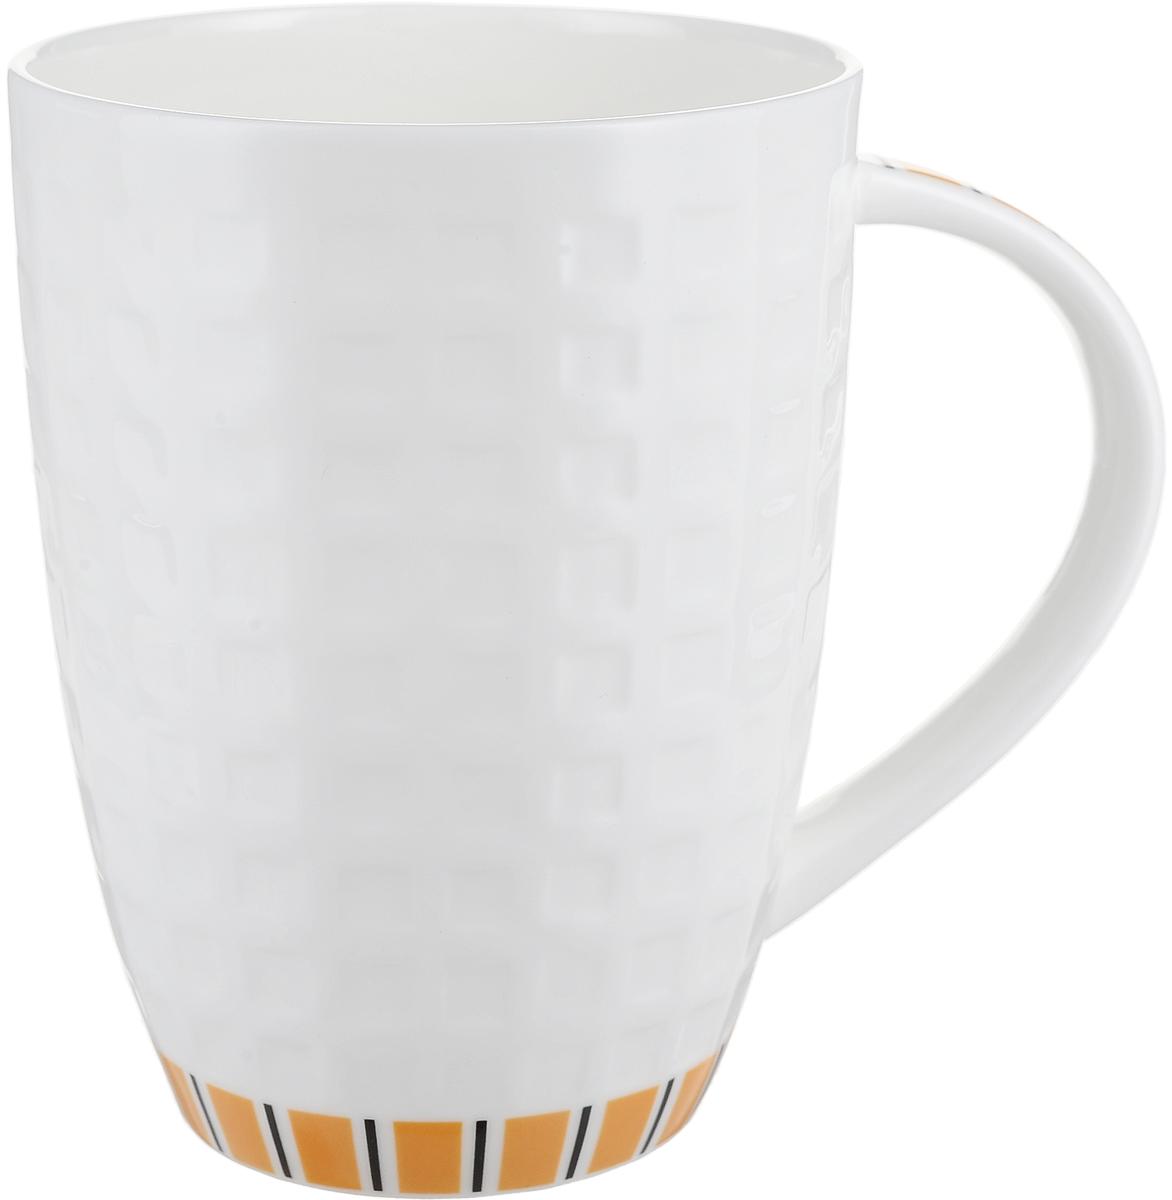 Кружка Royal Aurel Канфаэль, цвет: белый, оранжевый, 330 млОБЧ00000917Фарфор Royal Aurel отличается исключительной белизной, что объясняется уникальными компонентами и традиционной технологией, по которой он был изготовлен. Белая глина из провинции Фуцзянь и традиционные рецепты китайских мастеров создают неповторимую композицию. Дизайн коллекций выполнен в соответствии с актуальными европейскими тенденциями.Материал: костяной фарфор.